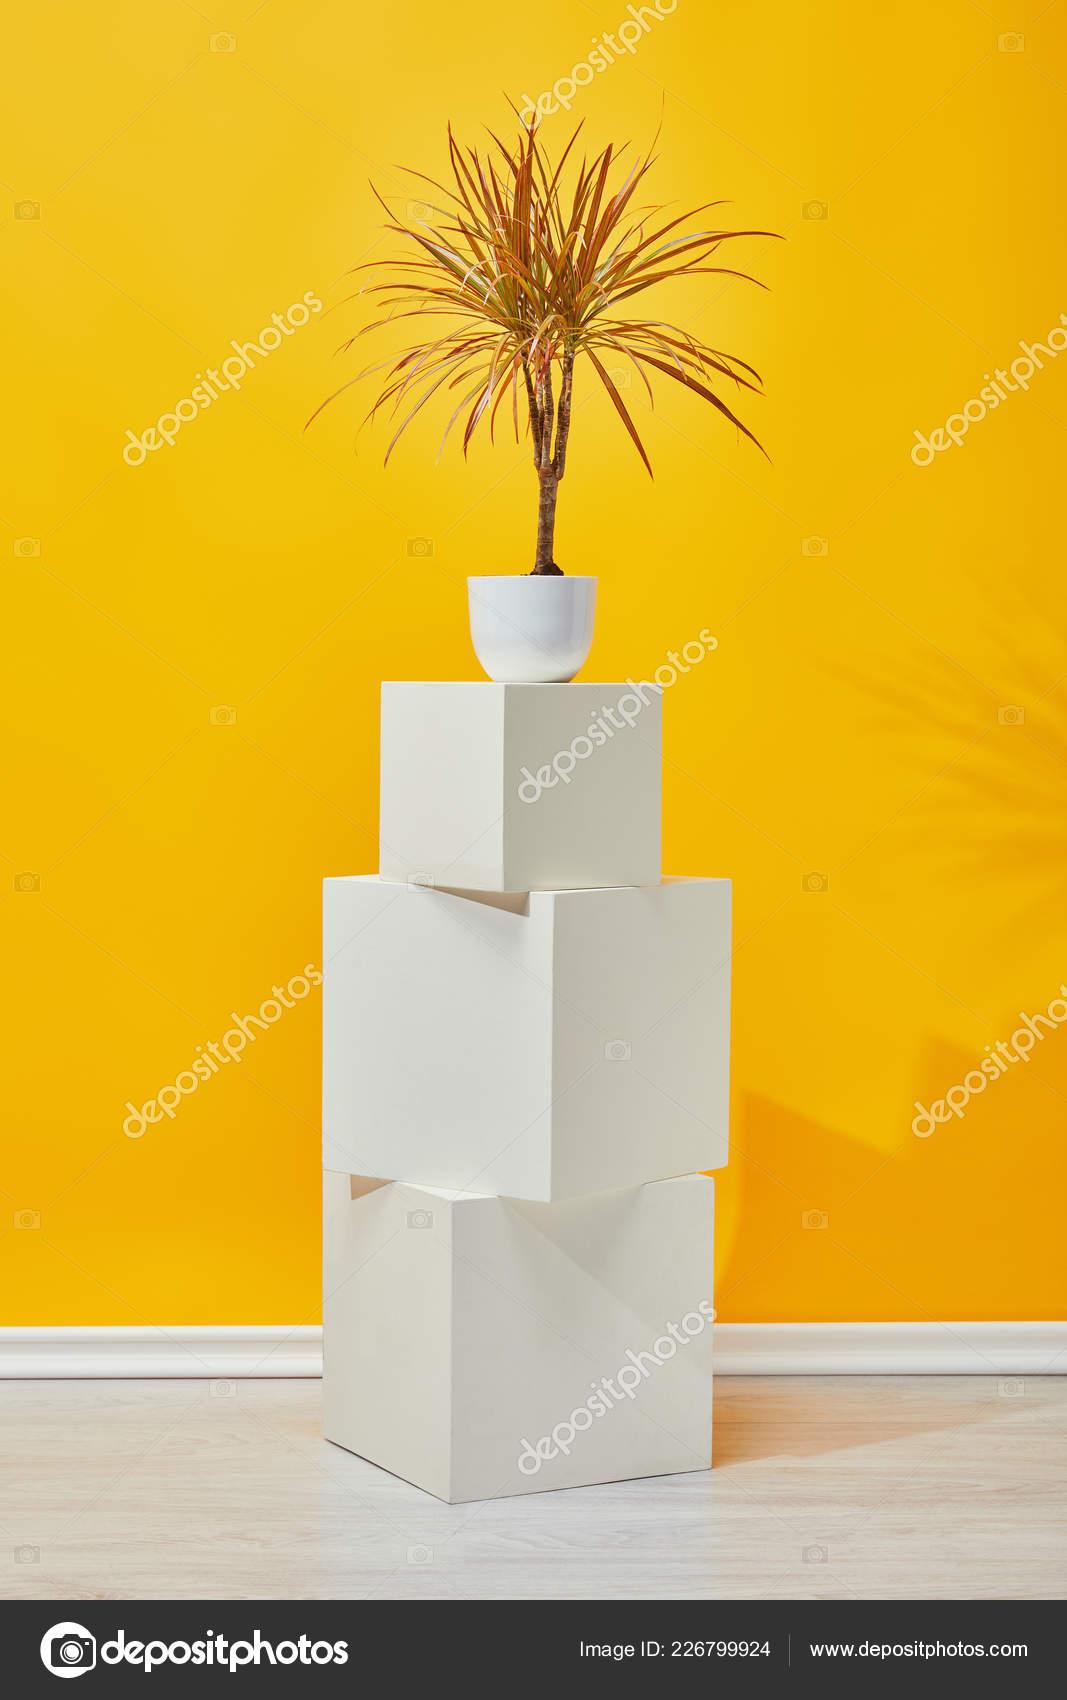 Houseplant Doniczki Kostkę Białego Gipsu Pobliżu ściana